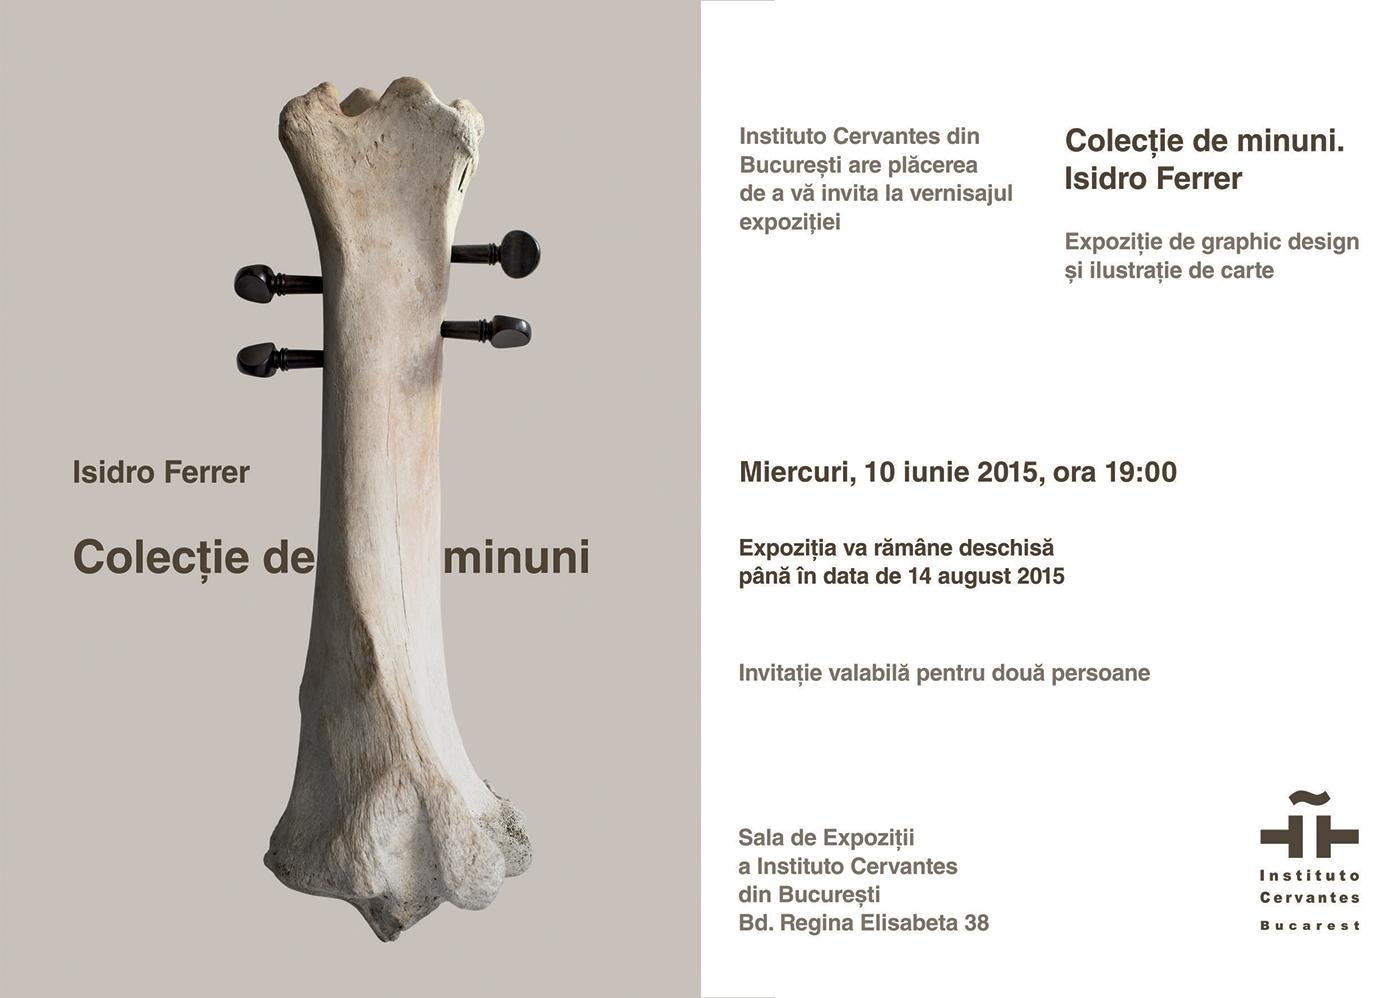 invitatie2_ferrer_ro